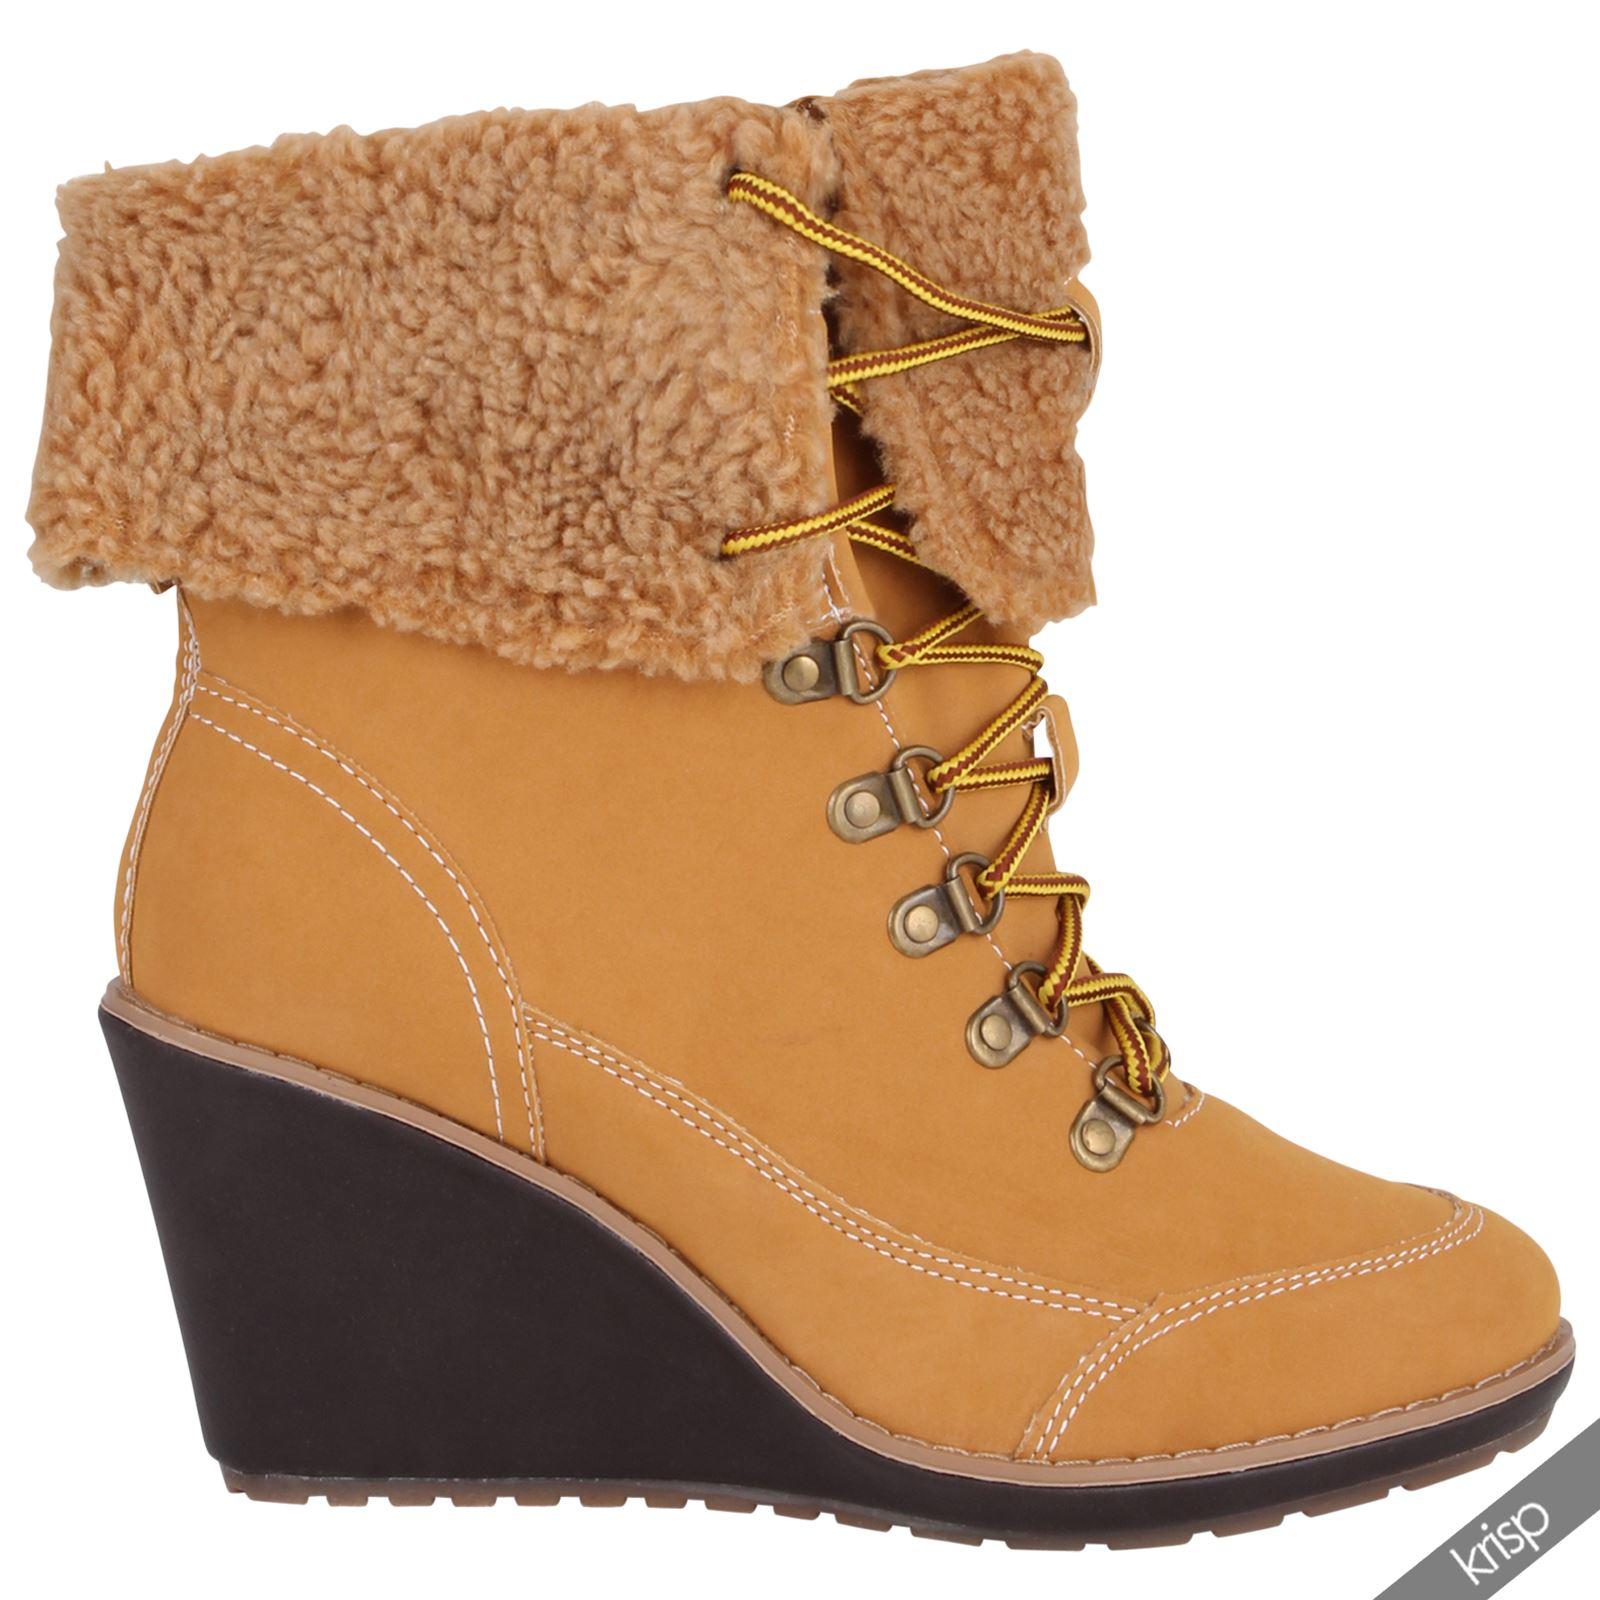 femmes bottine chaussure talon hauts epais caoutchouc militaire combat ebay. Black Bedroom Furniture Sets. Home Design Ideas